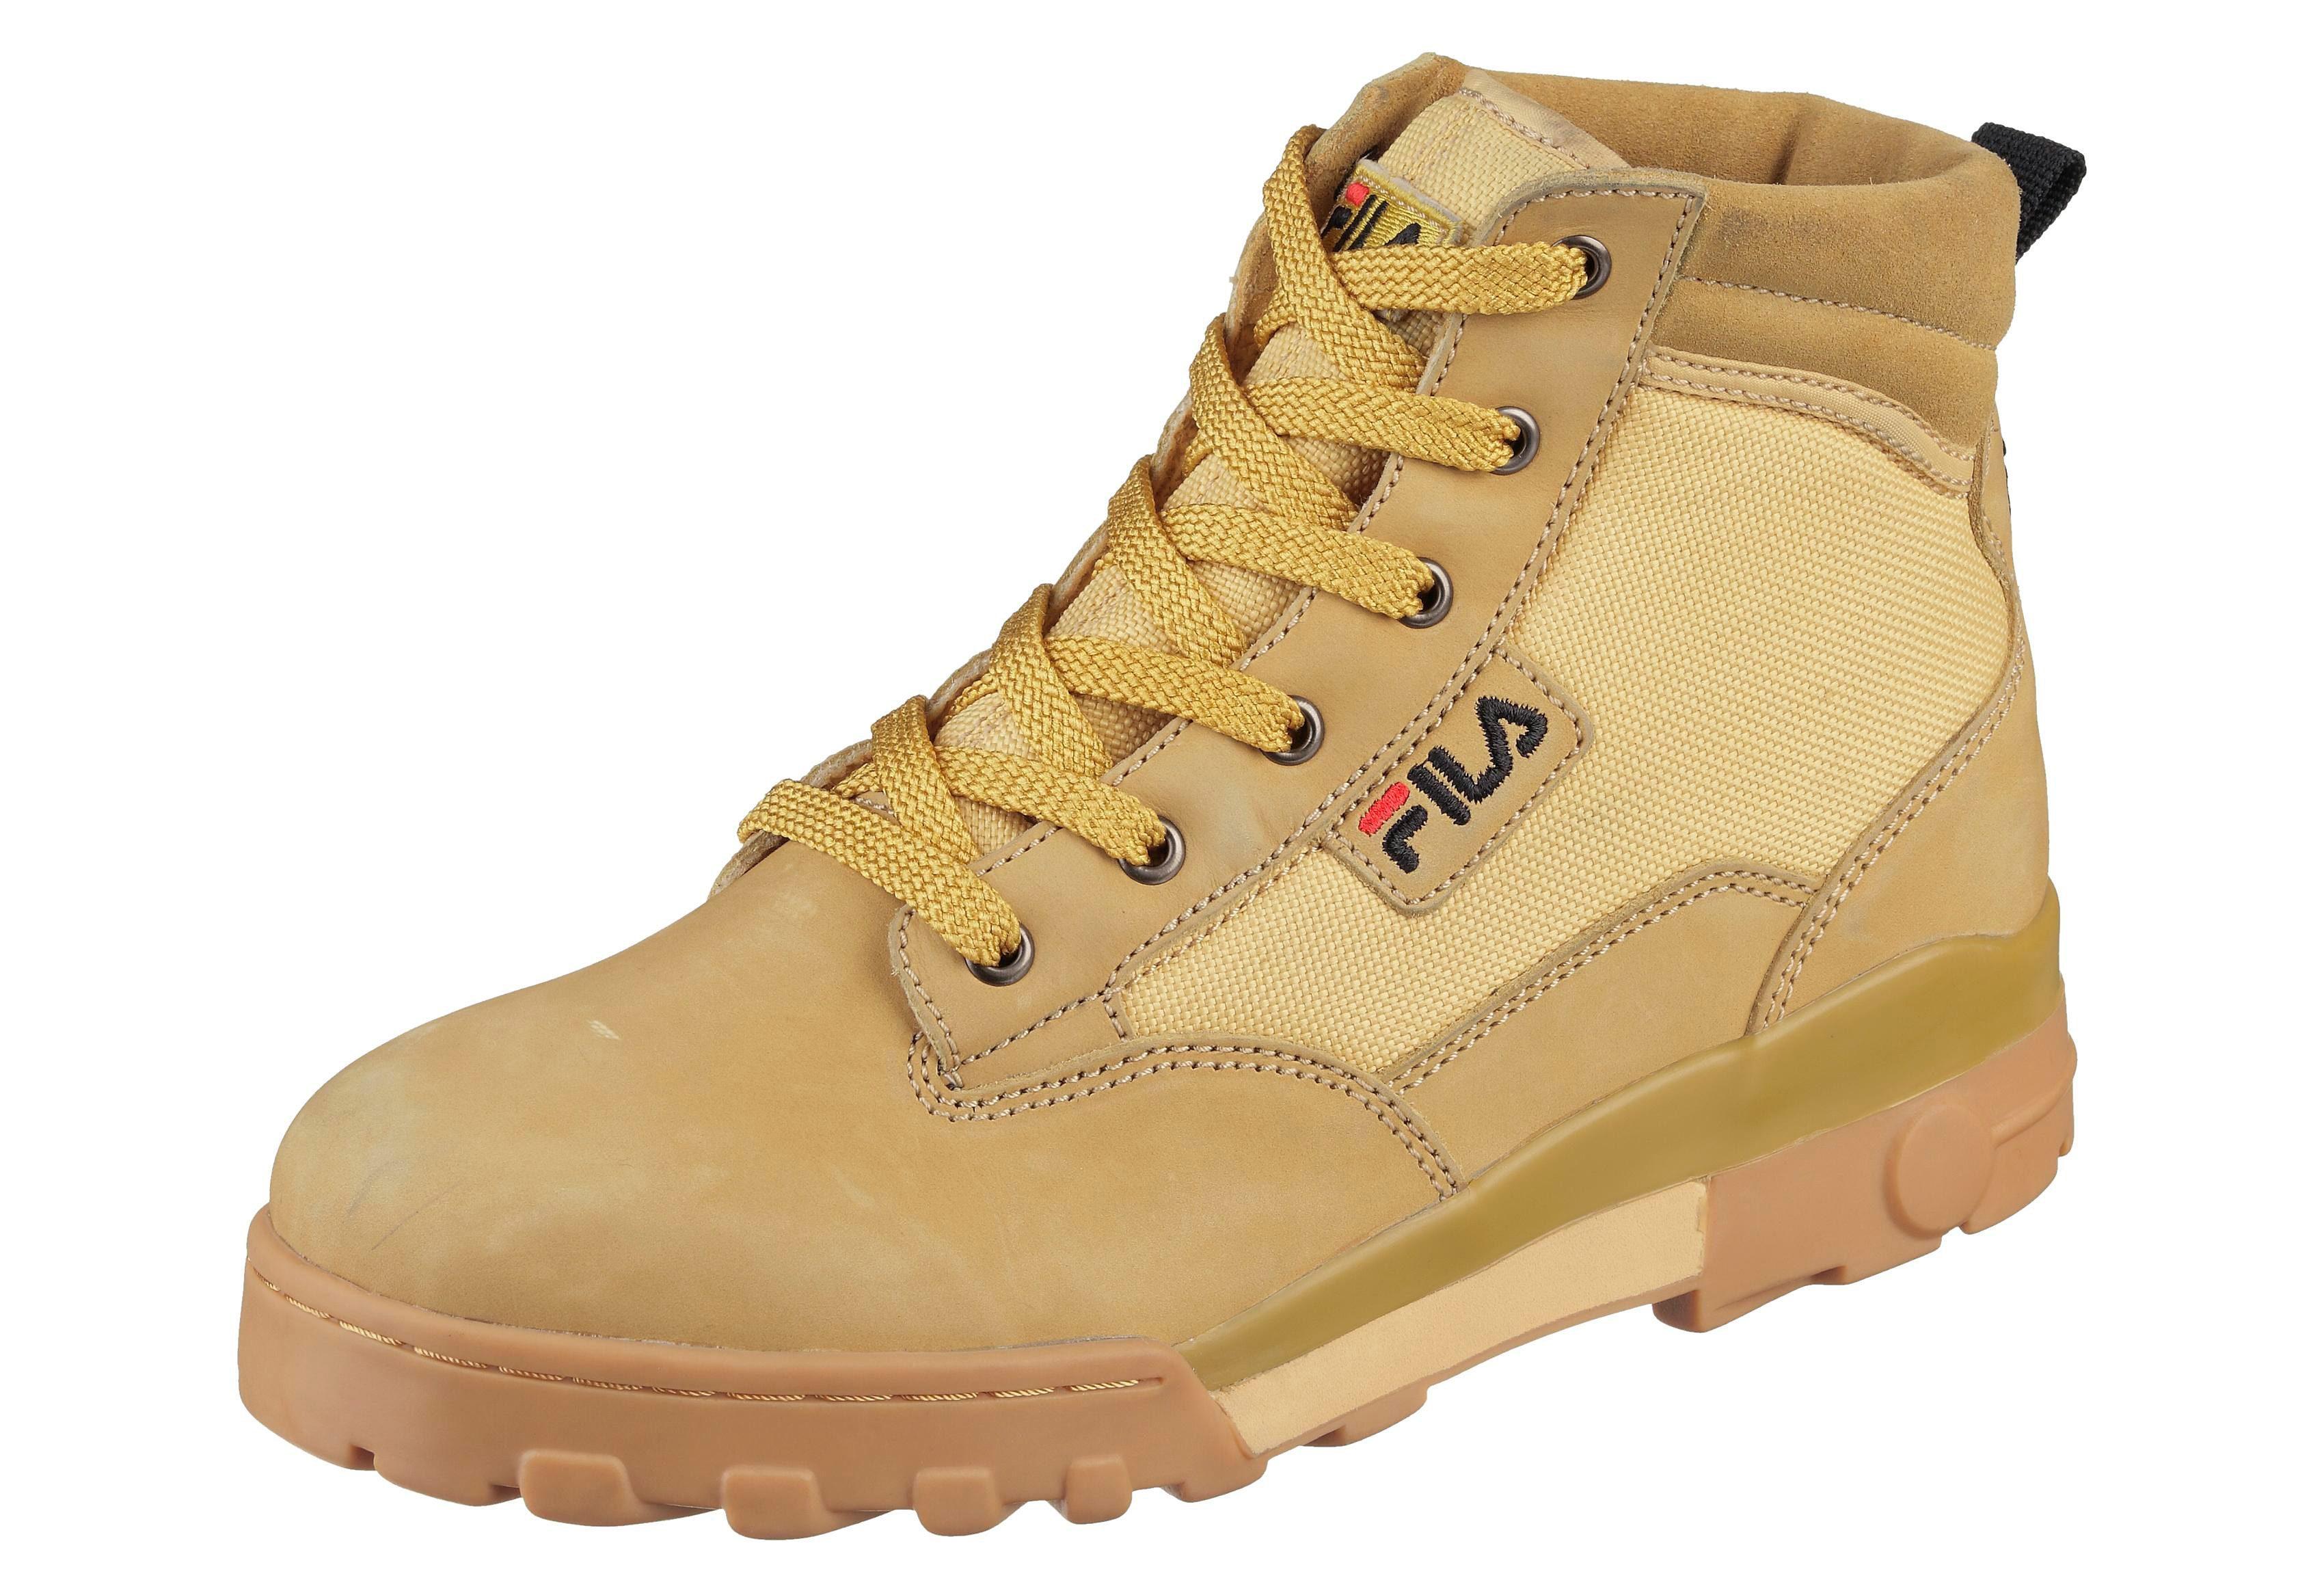 Sportliche Boots für Herren » Sportliche Stiefel online kaufen | OTTO